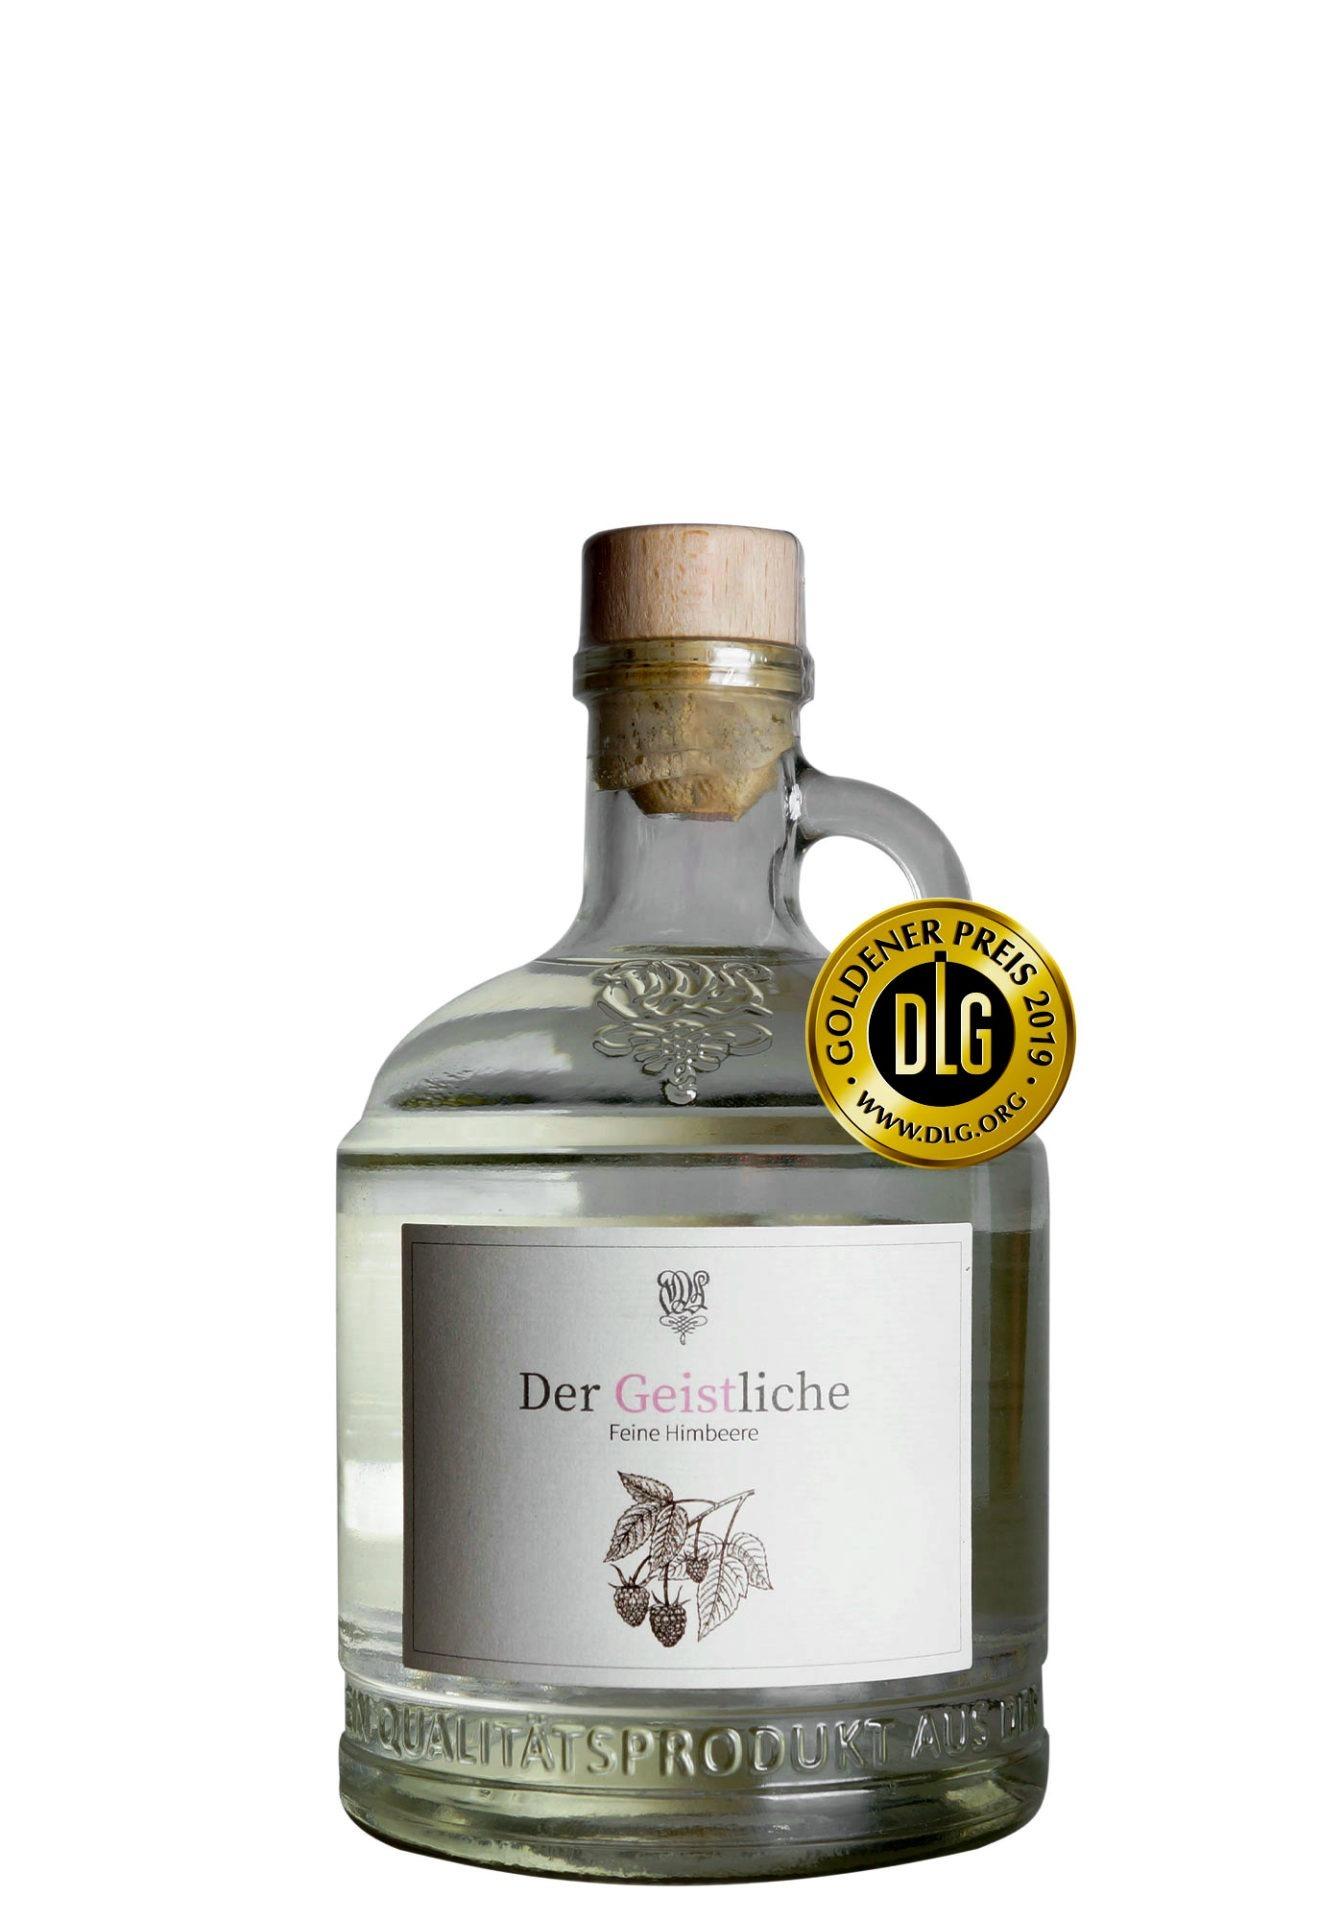 Kloster Wöltingerode Gin Geistliche Feine Himbeere